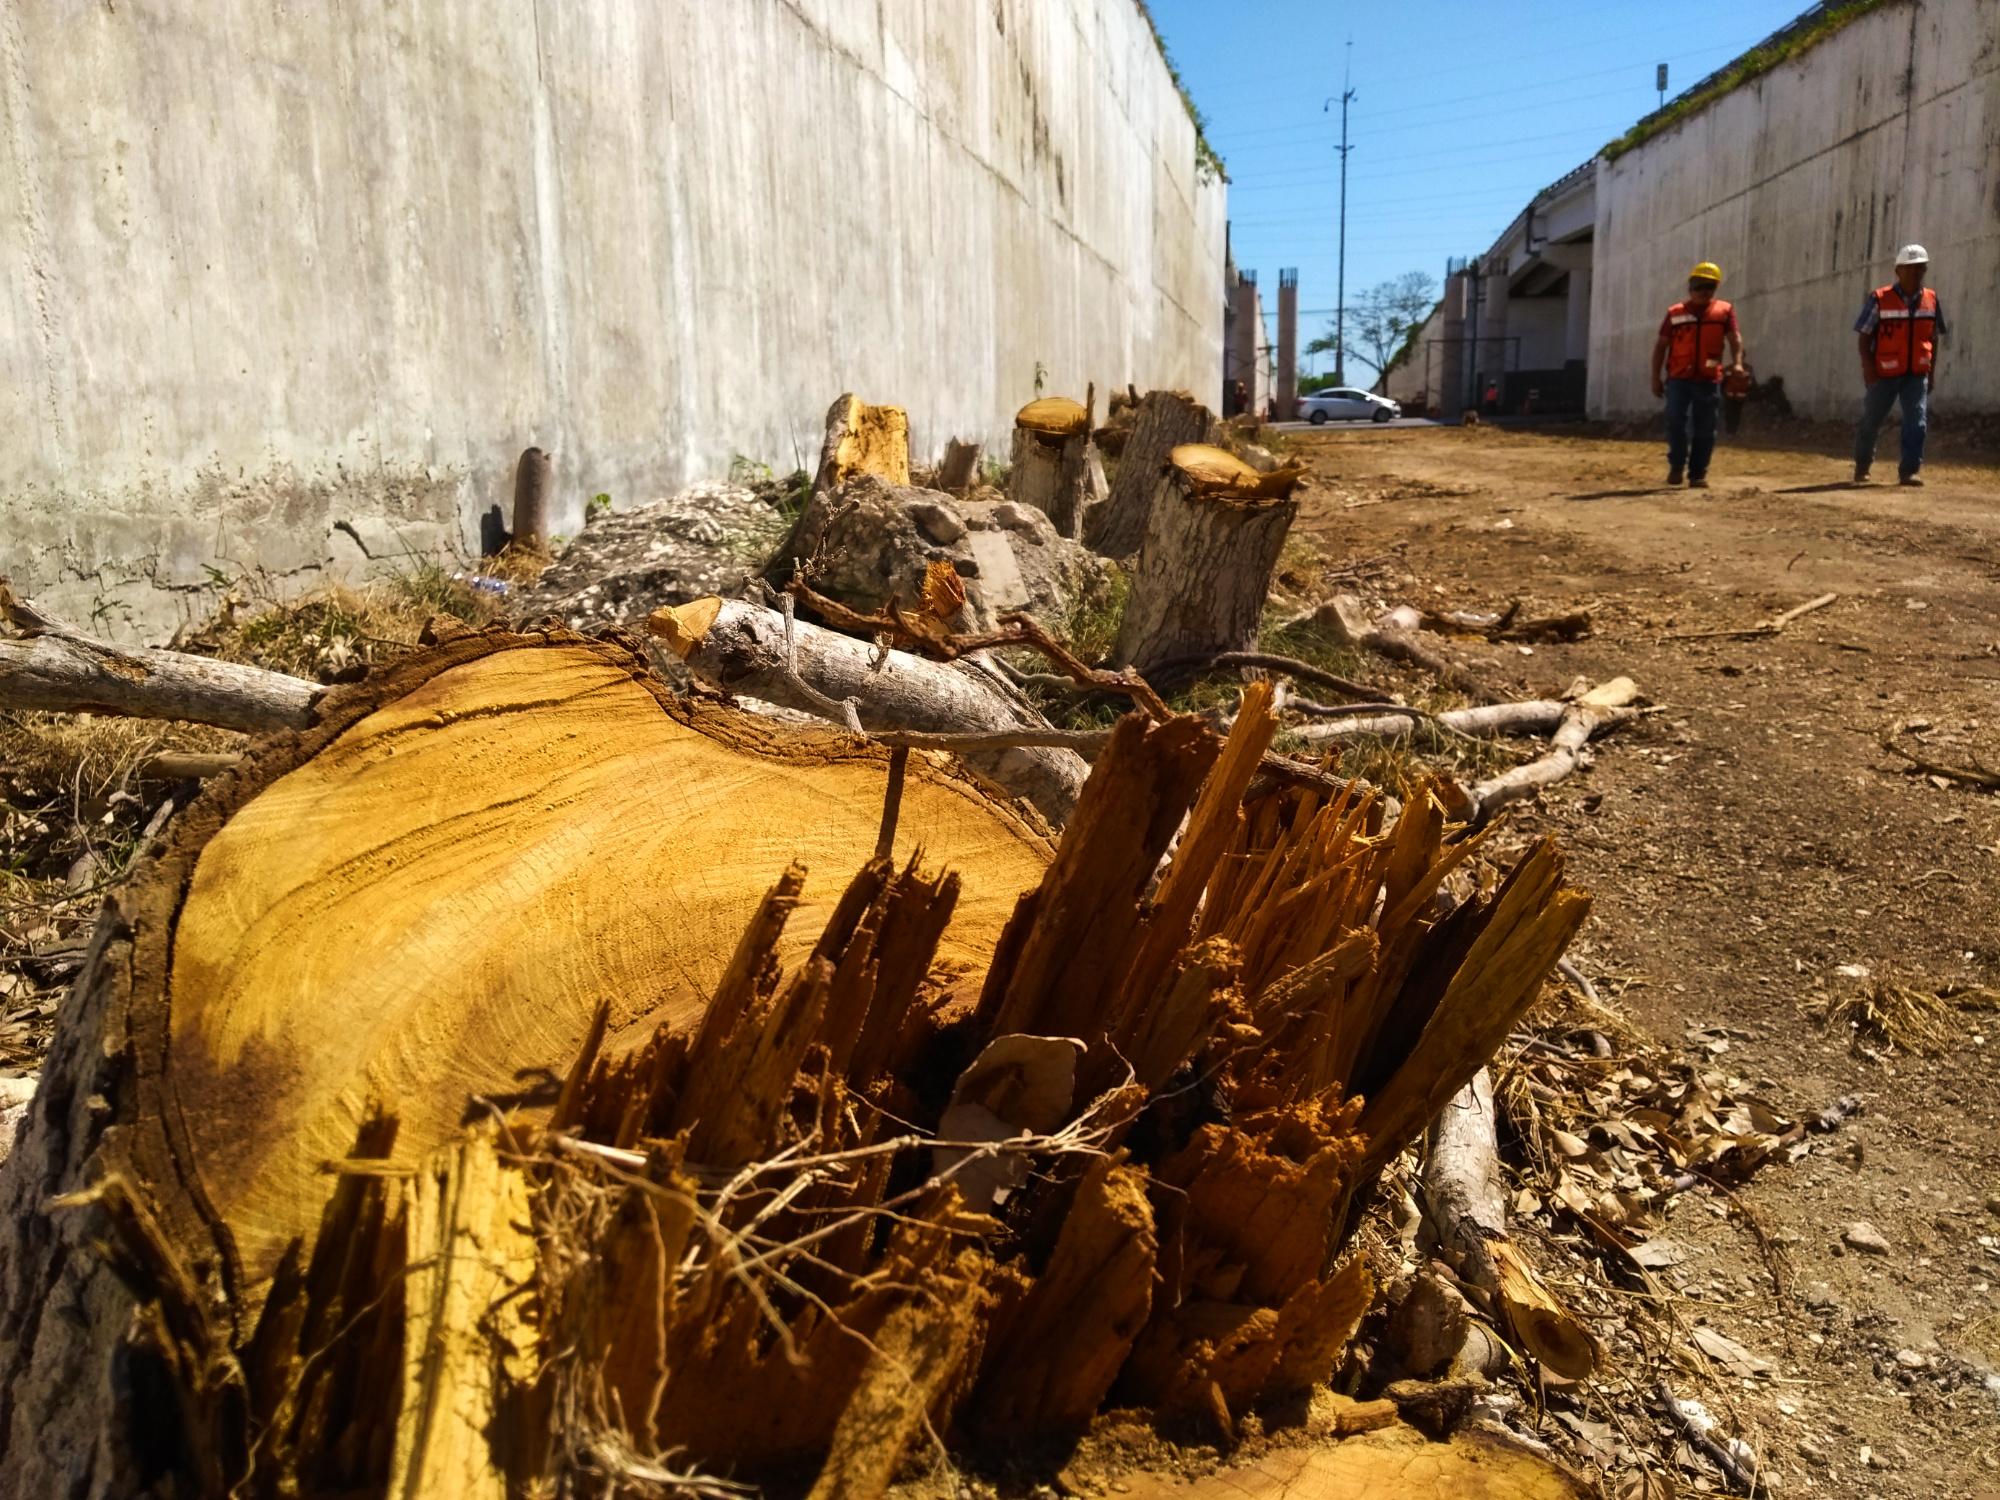 Iglesia Católica, contra migración 'indiscriminada' a Mérida: la están deforestando (video)